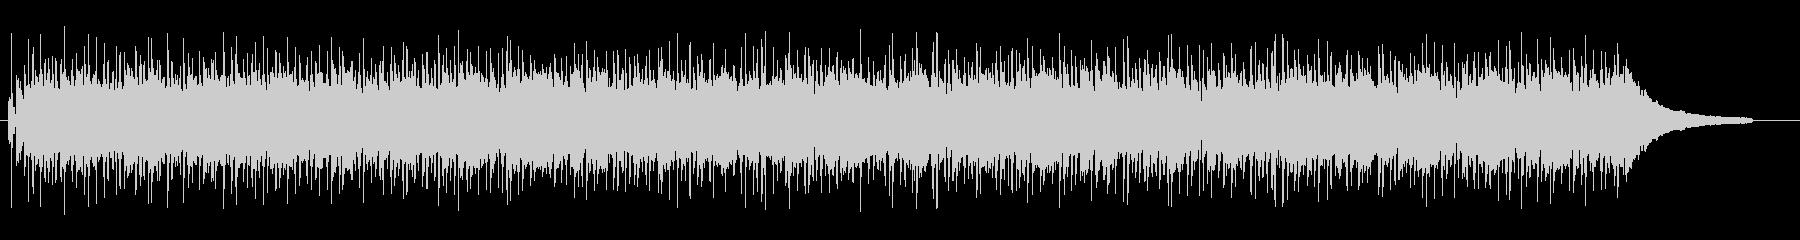 キラキラ アップテンポ アコースティックの未再生の波形